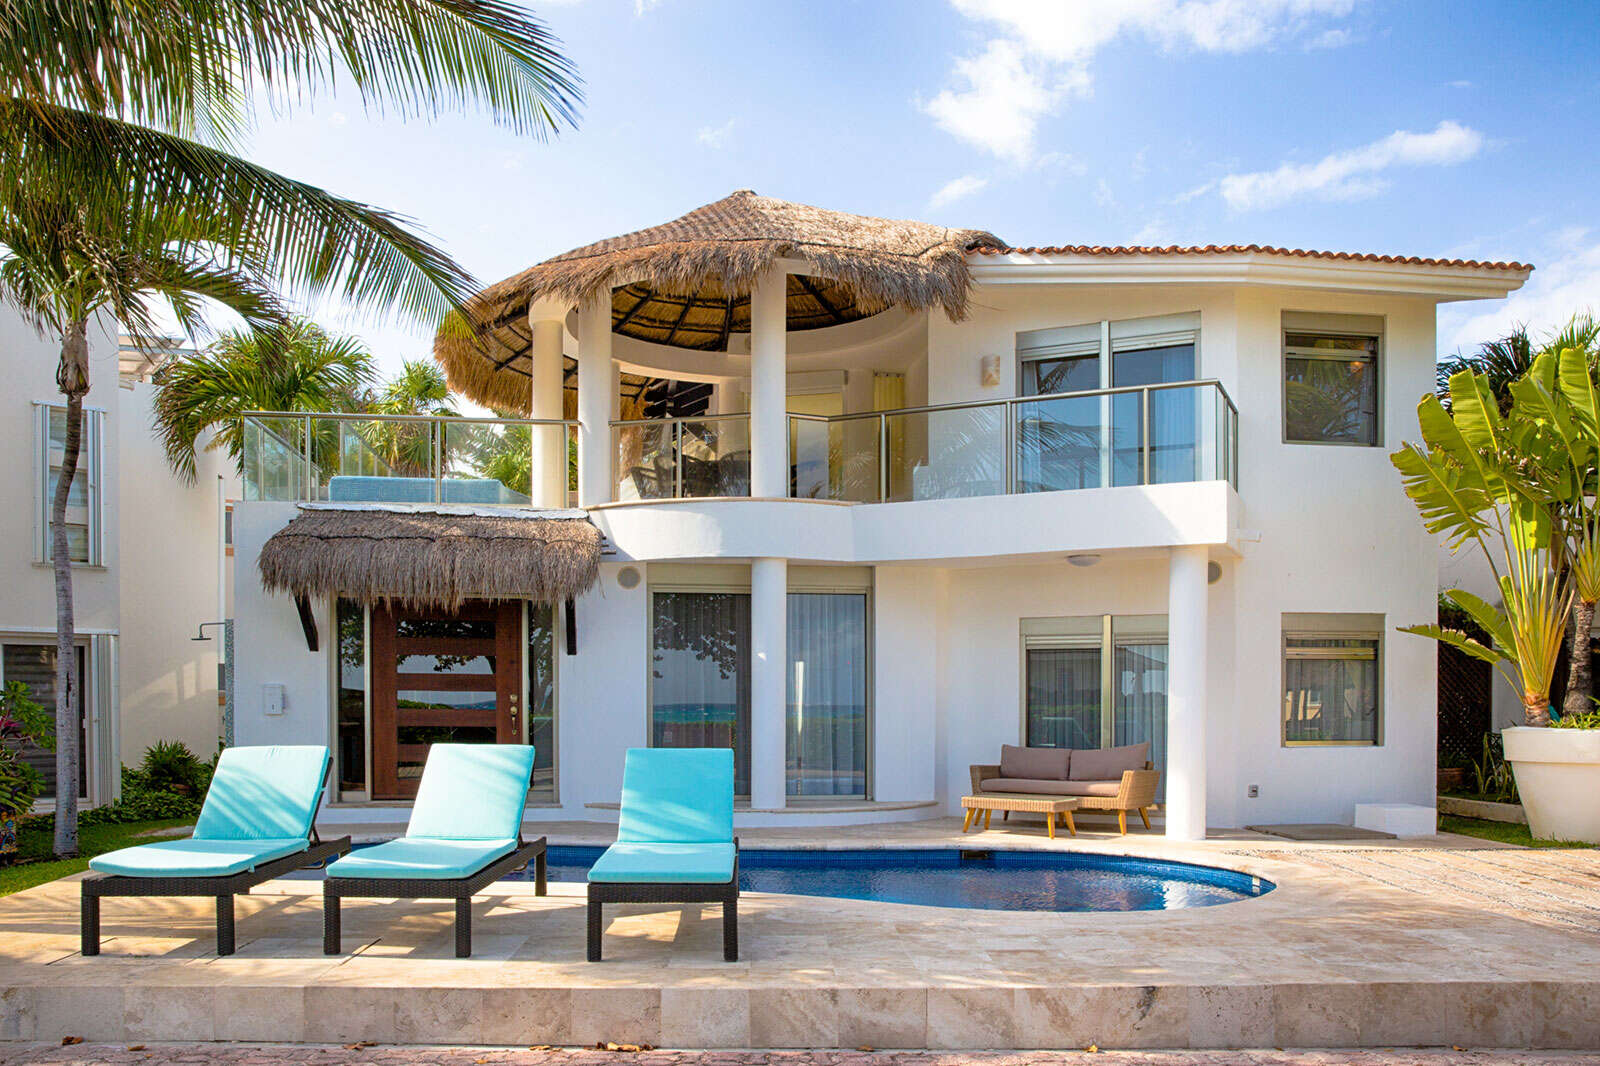 Luxury vacation rentals mexico - Riviera maya - Playa del carmen - No location 4 - Villa Turquesa - Image 1/25